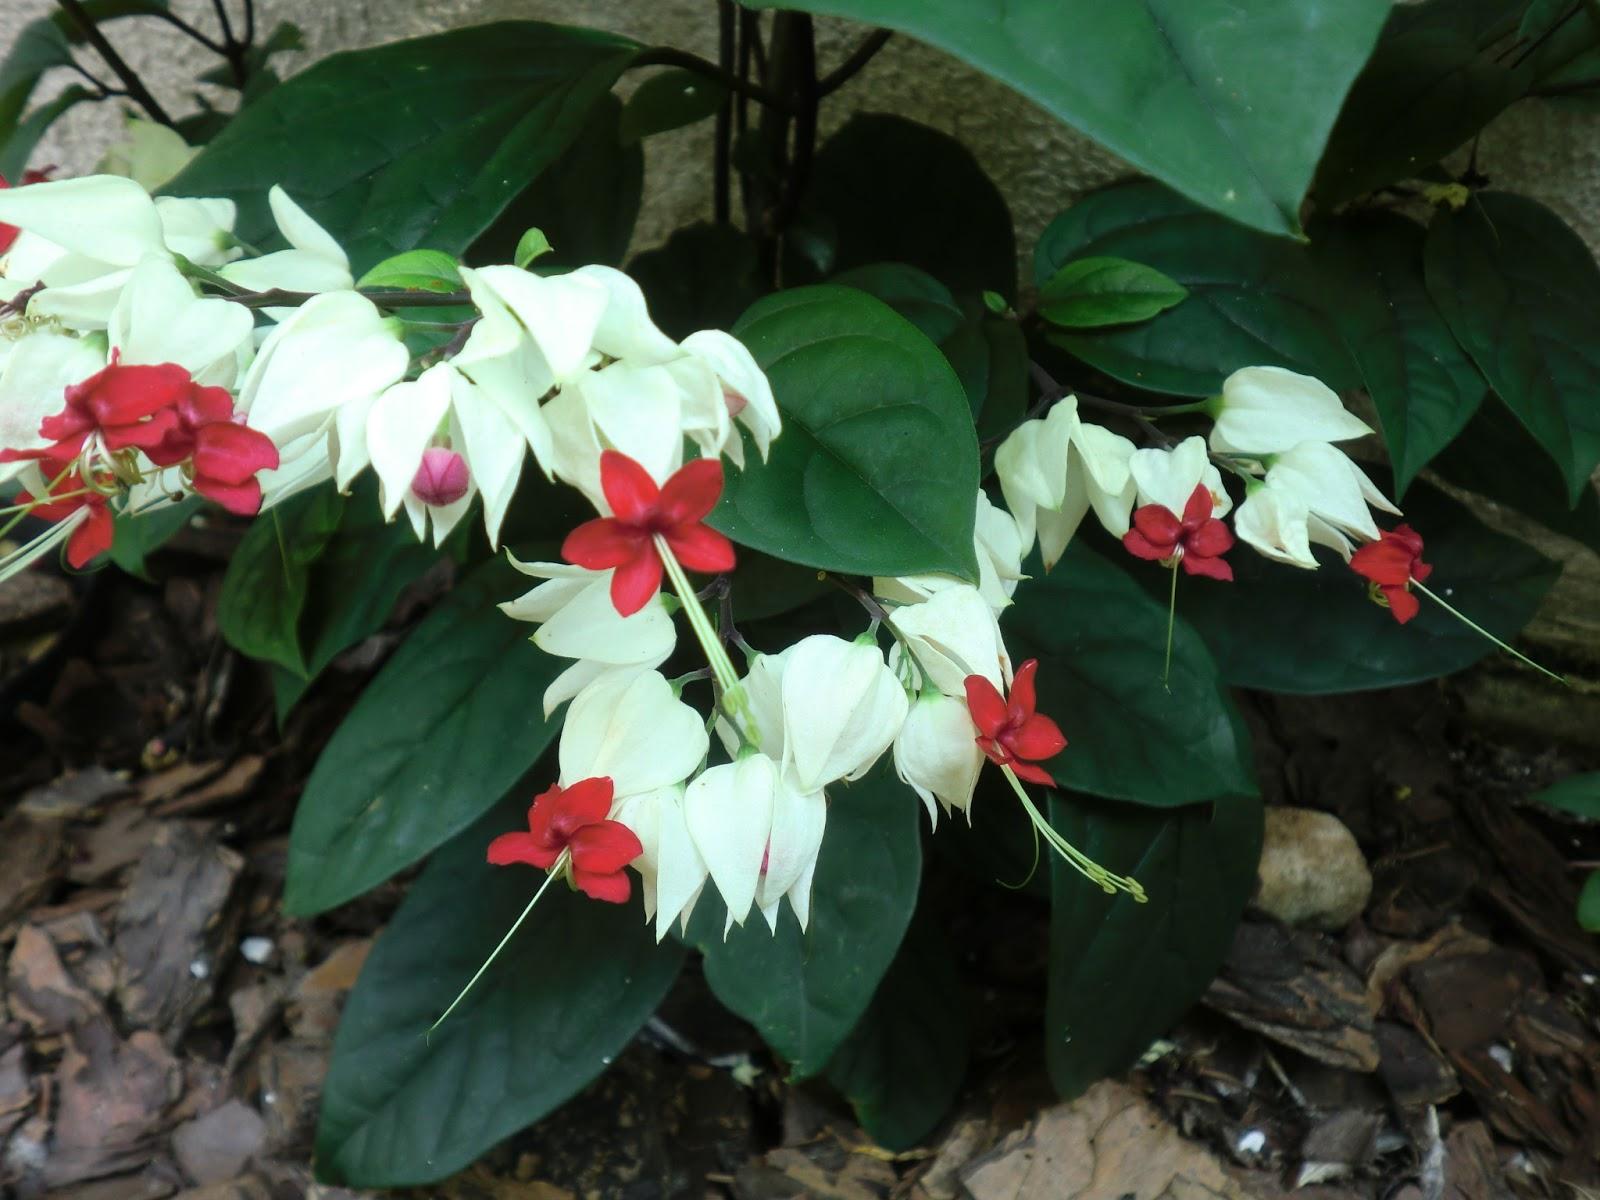 flores para jardim verao : Flores de Verao - Casa e Reforma